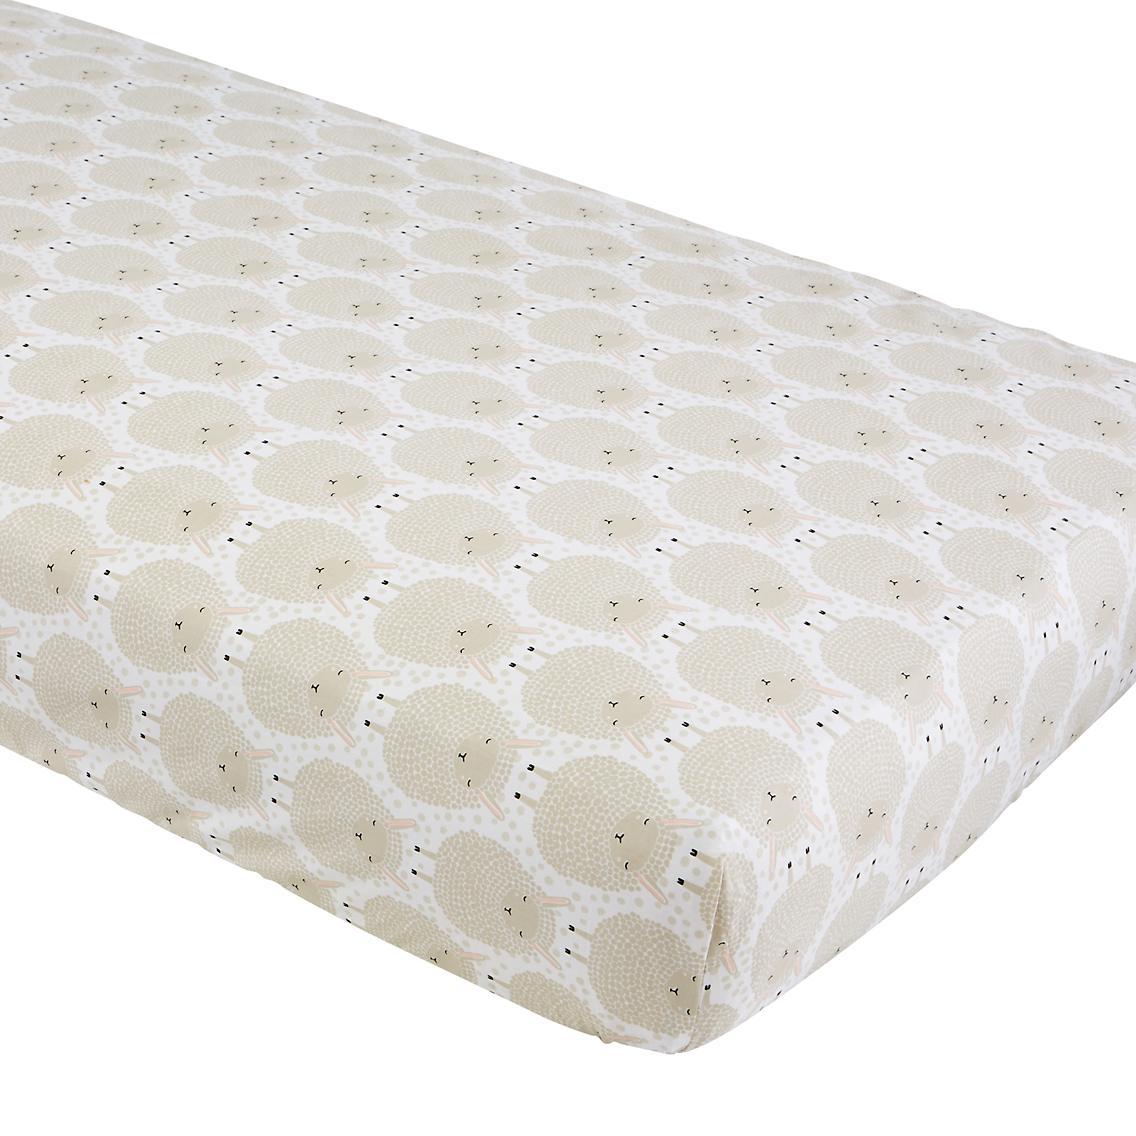 Sheepish Crib Bedding - $19.00